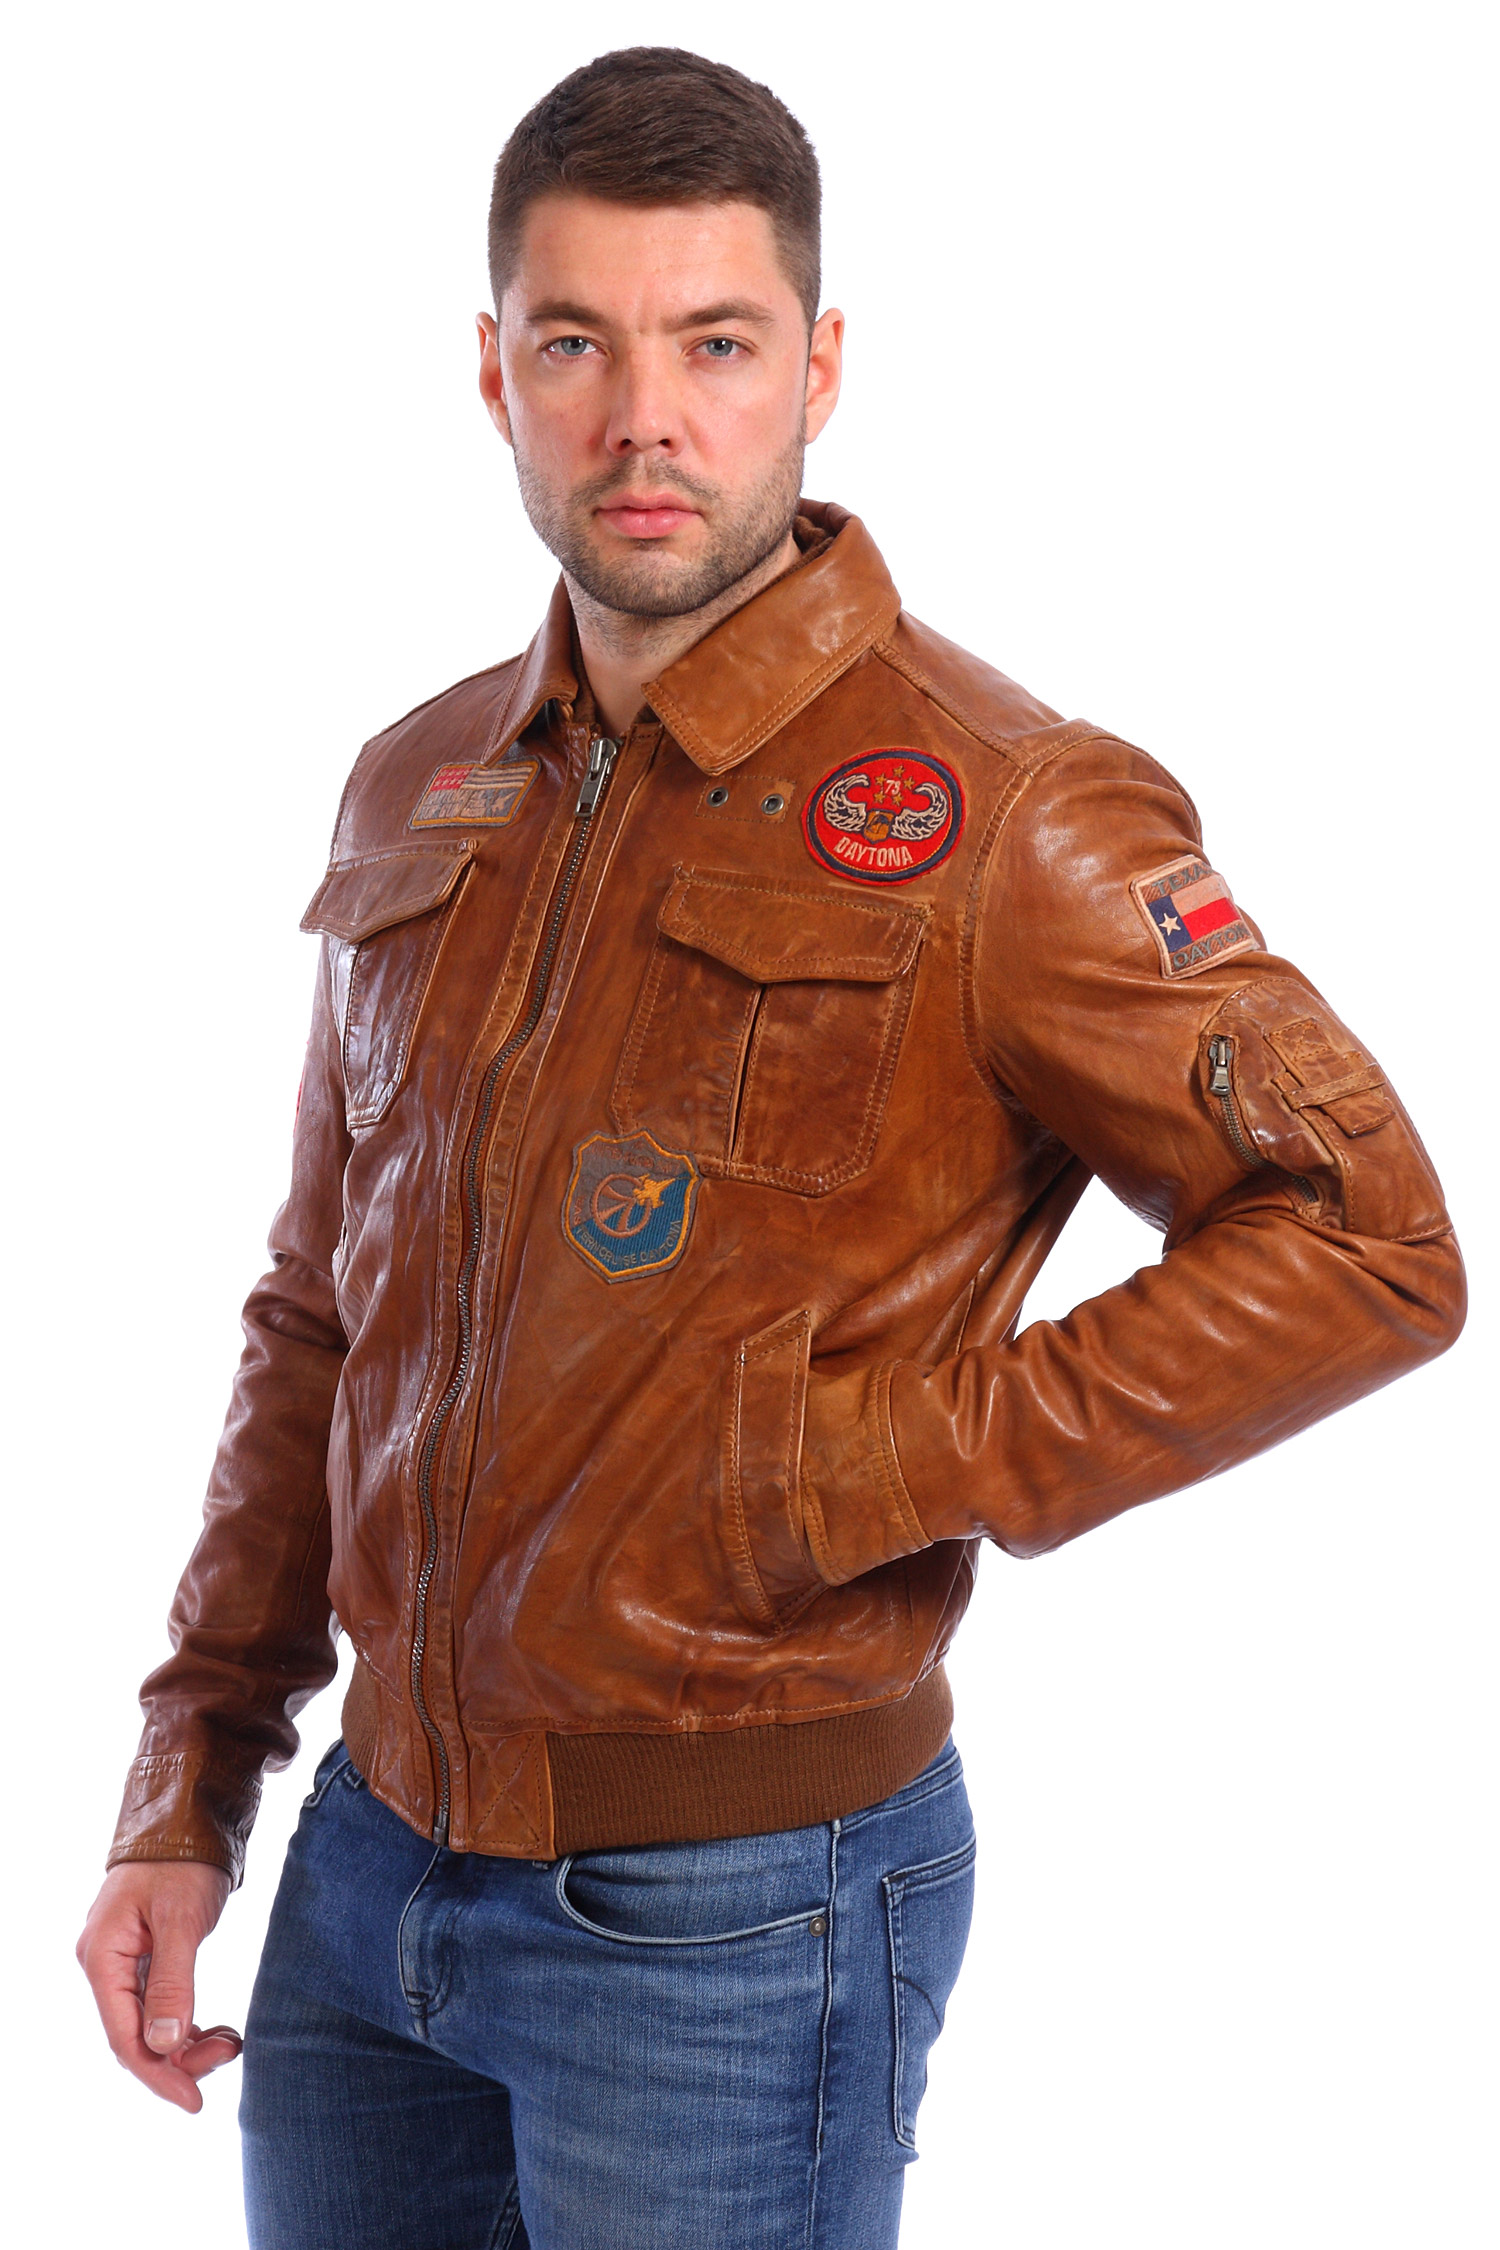 Мужская кожаная куртка из натуральной кожи с воротником, без отделки<br><br>Воротник: без воротника<br>Цвет: коричневый<br>Материал: Кожа овчина<br>Длина см: Короткая (51-74 )<br>Пол: Мужской<br>Размер RU: 56